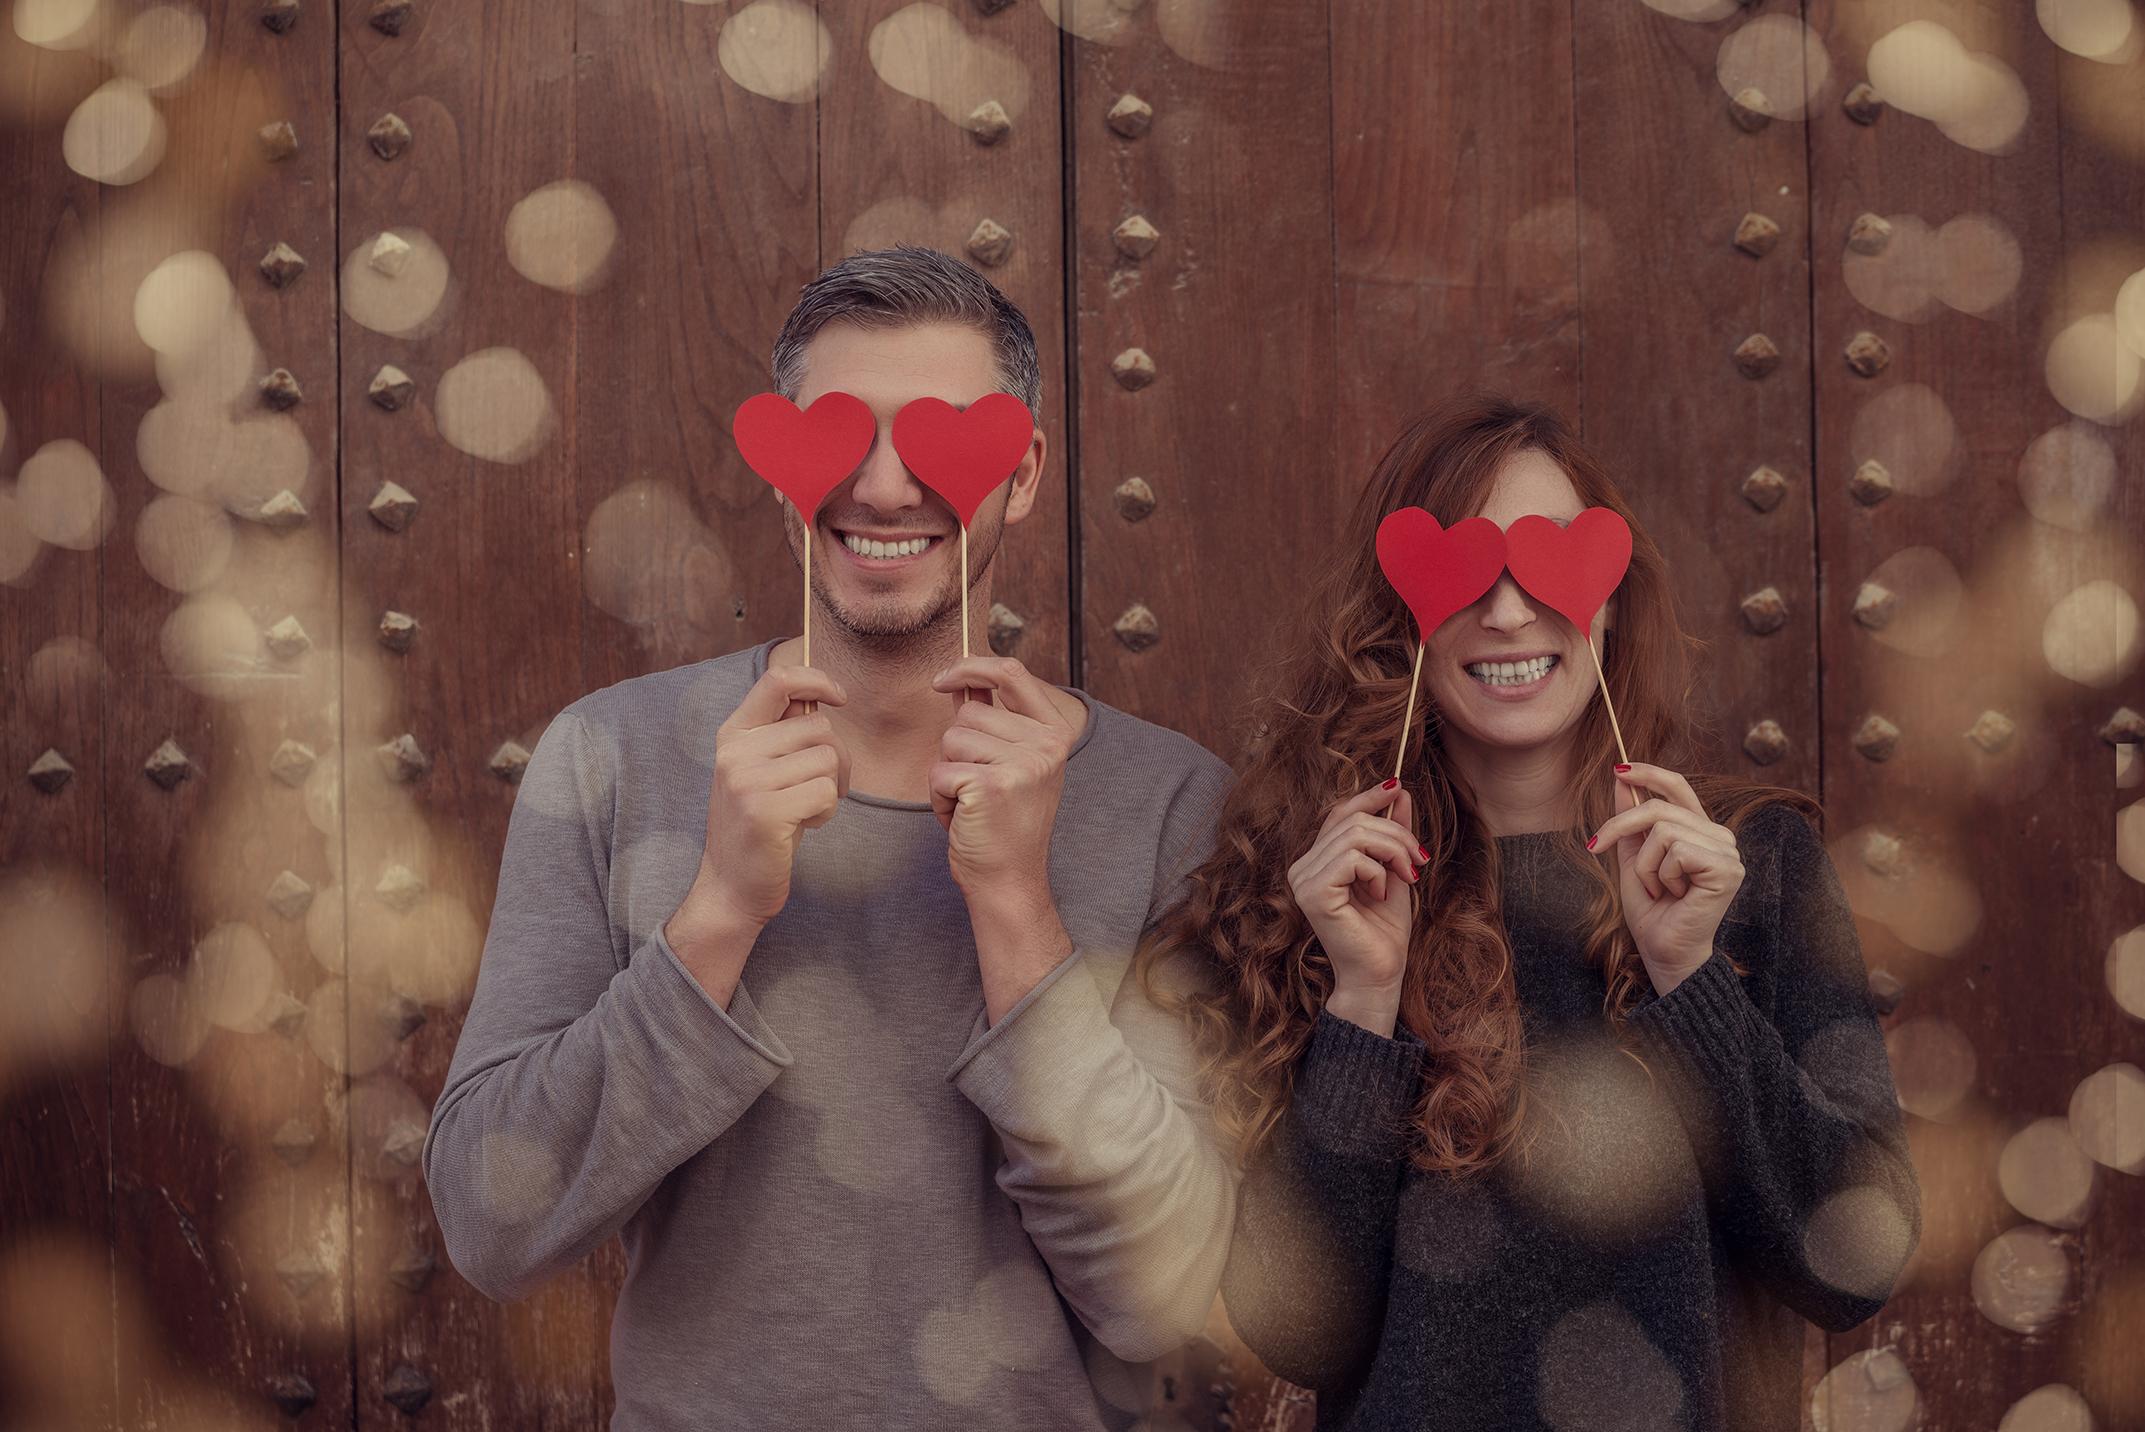 Ein Paar steht nebeneinander vor einem hölzernen Tor. Beide halten Herzen aus Pappe vor ihre Augen, angelehnt an den Emoji mit Herzaugen.